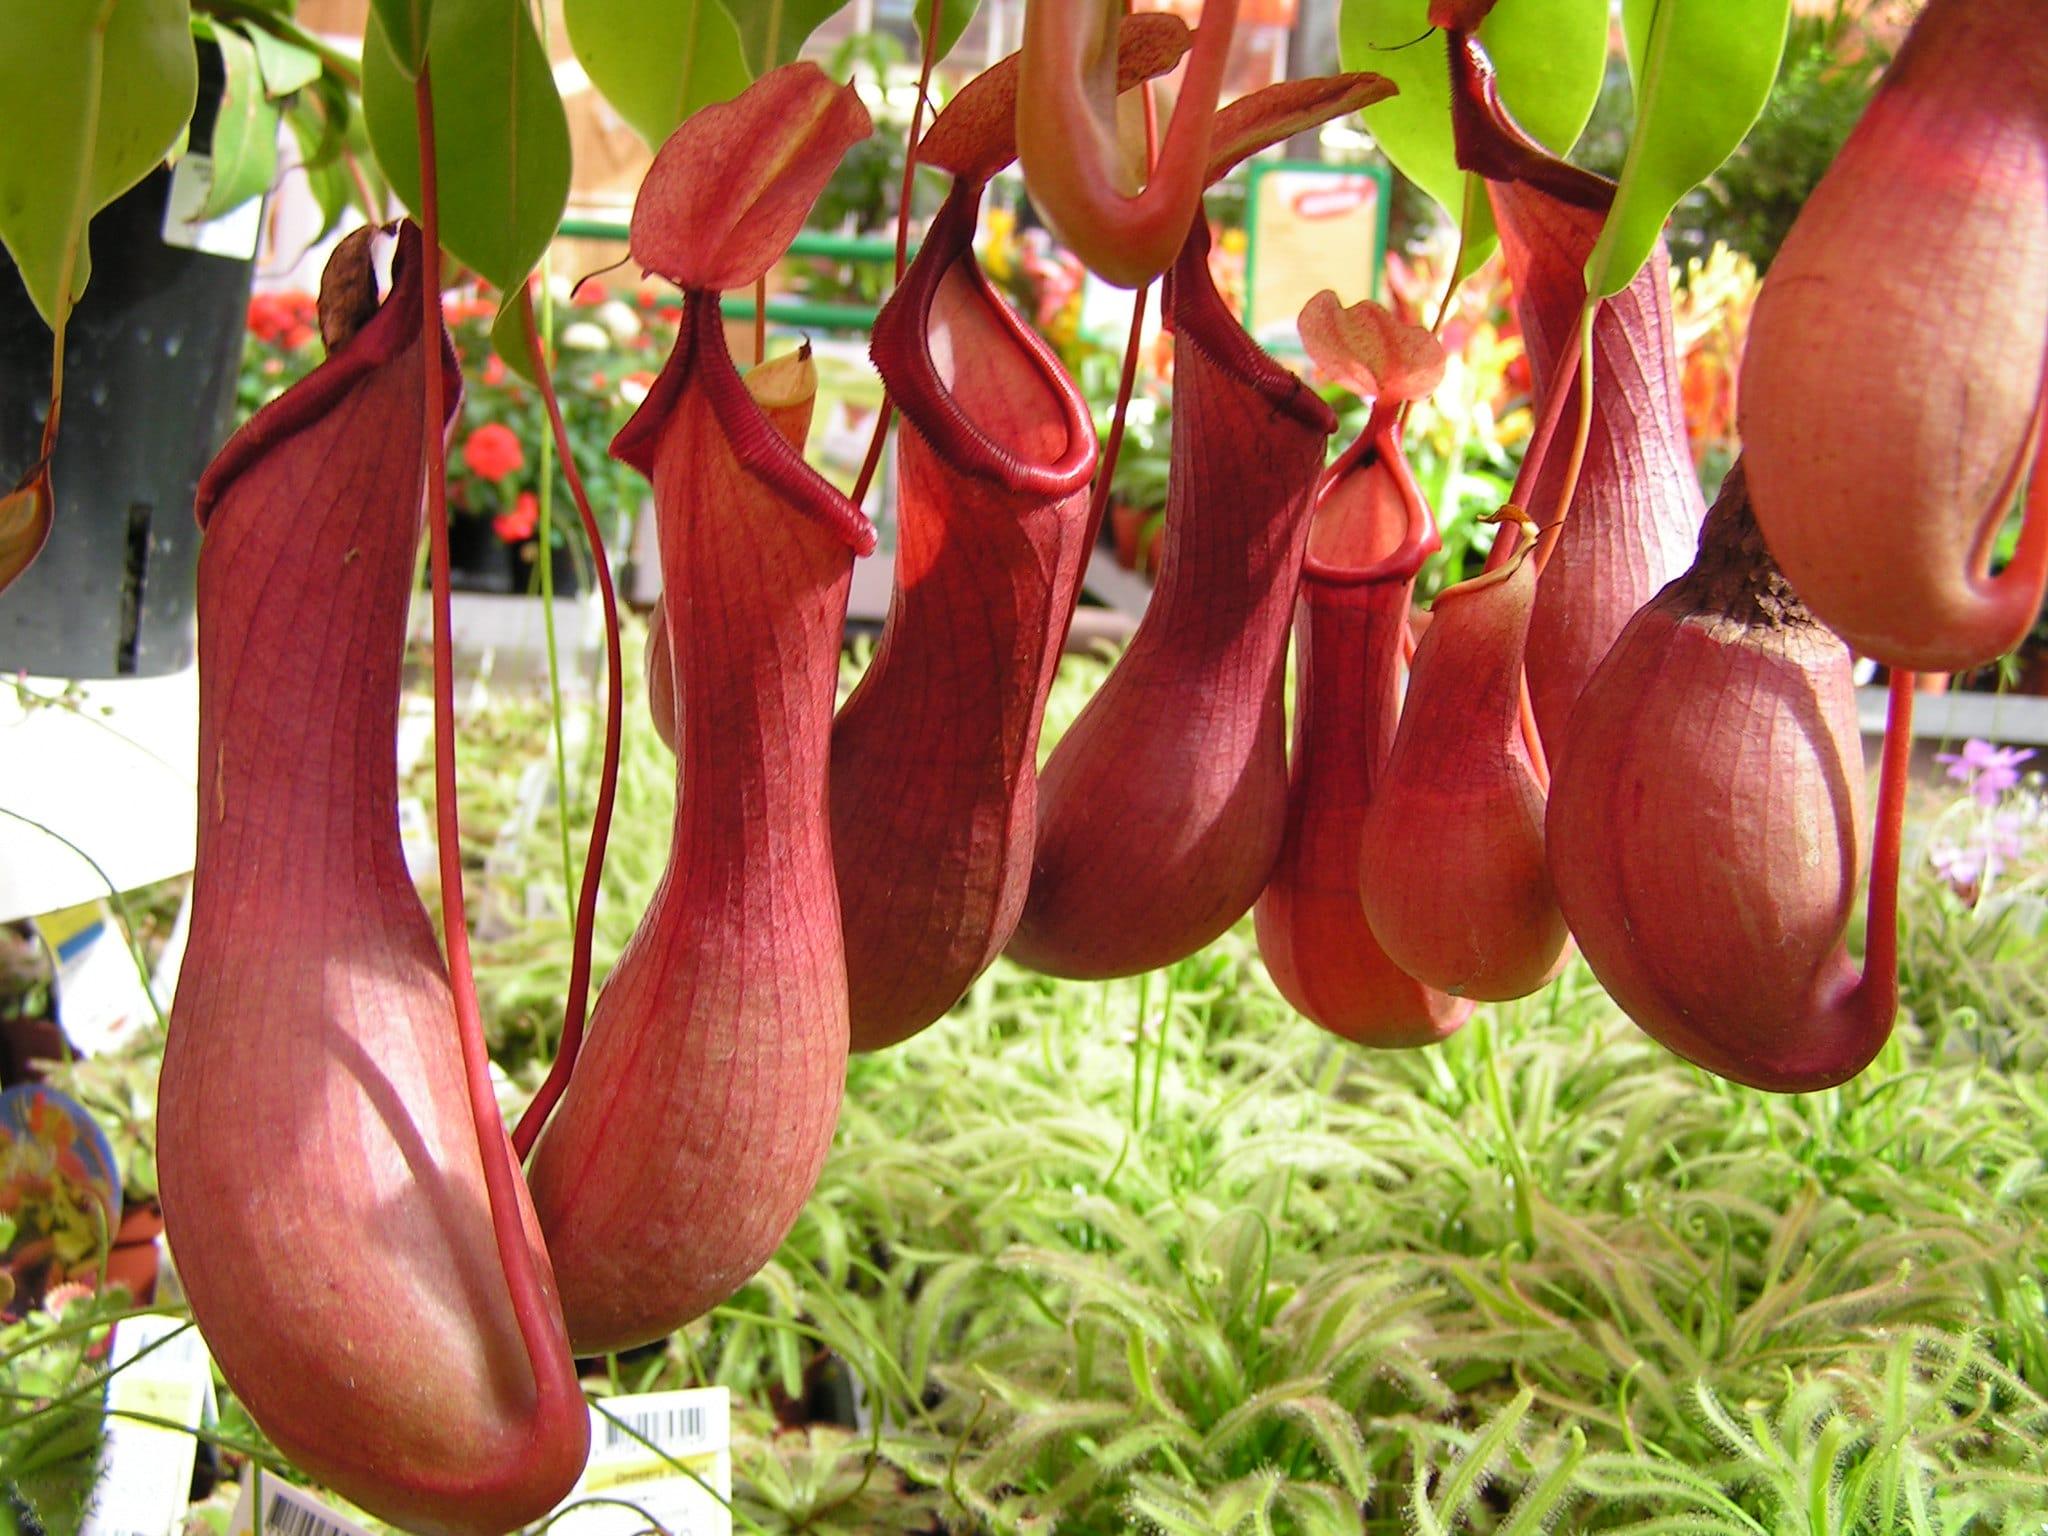 Las jarras de la Nepenthes alata son rojizas